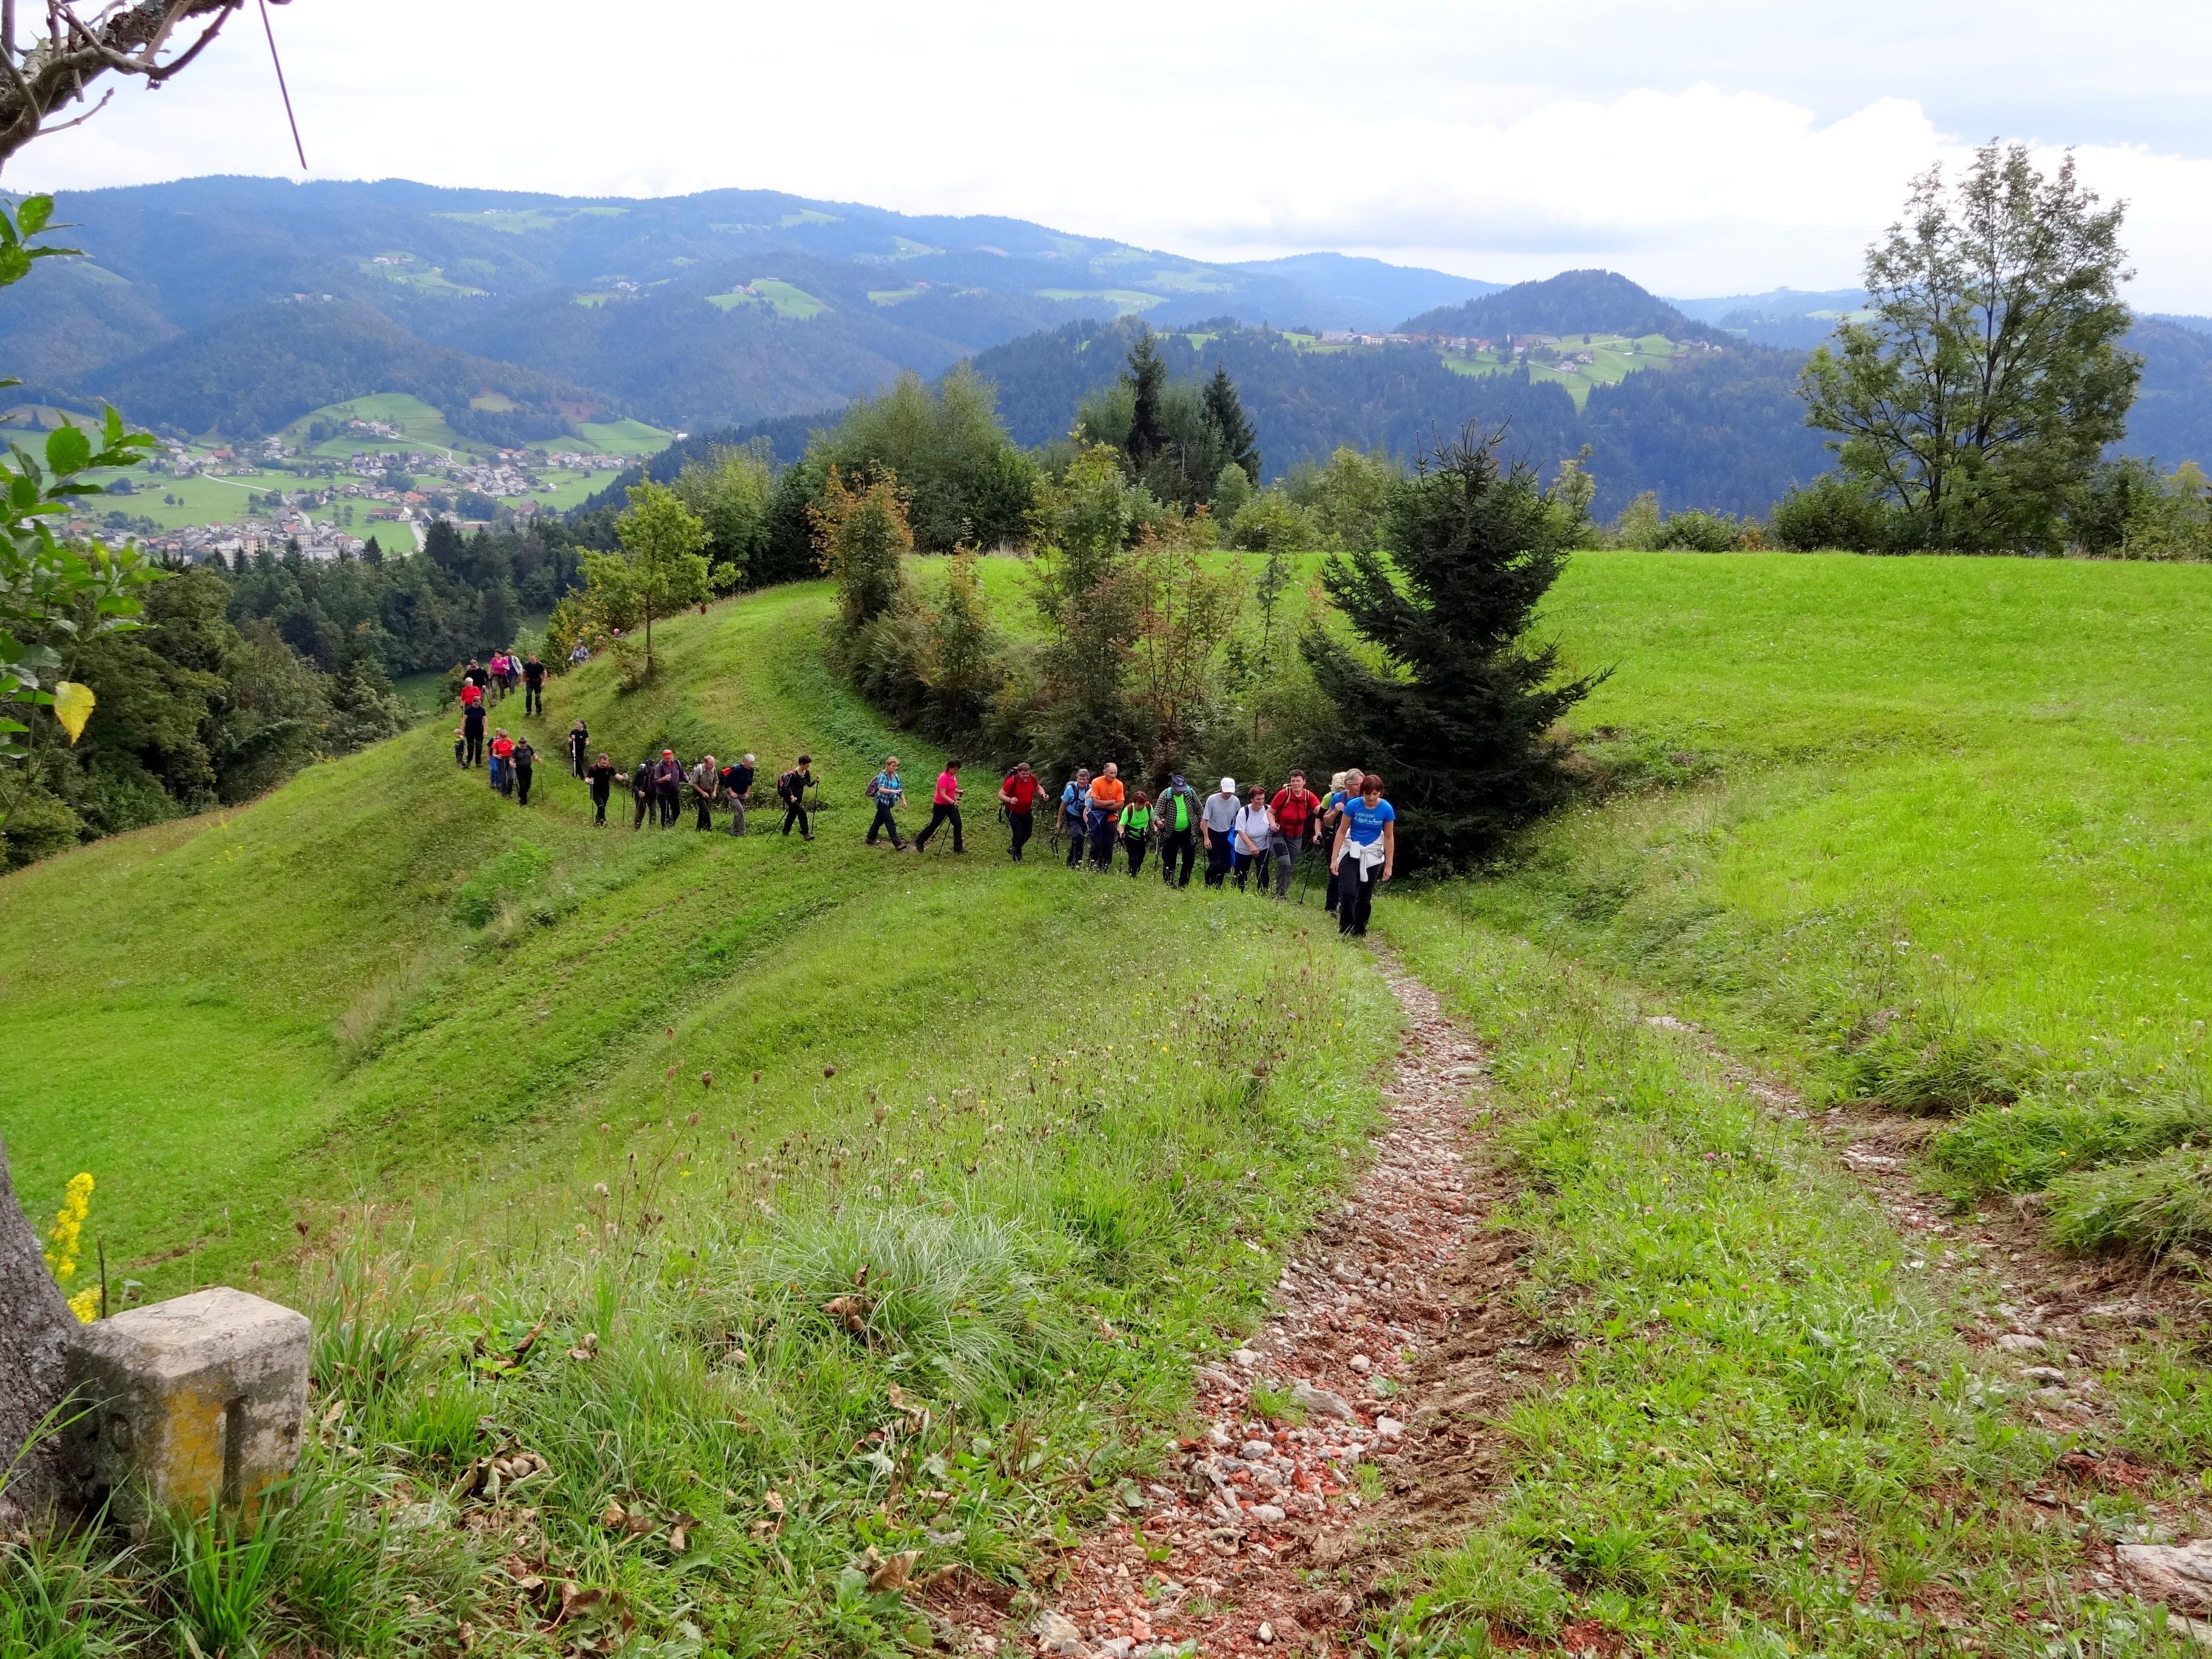 Po graničarski poti na Breznico, spredaj mejnik rapalske meje